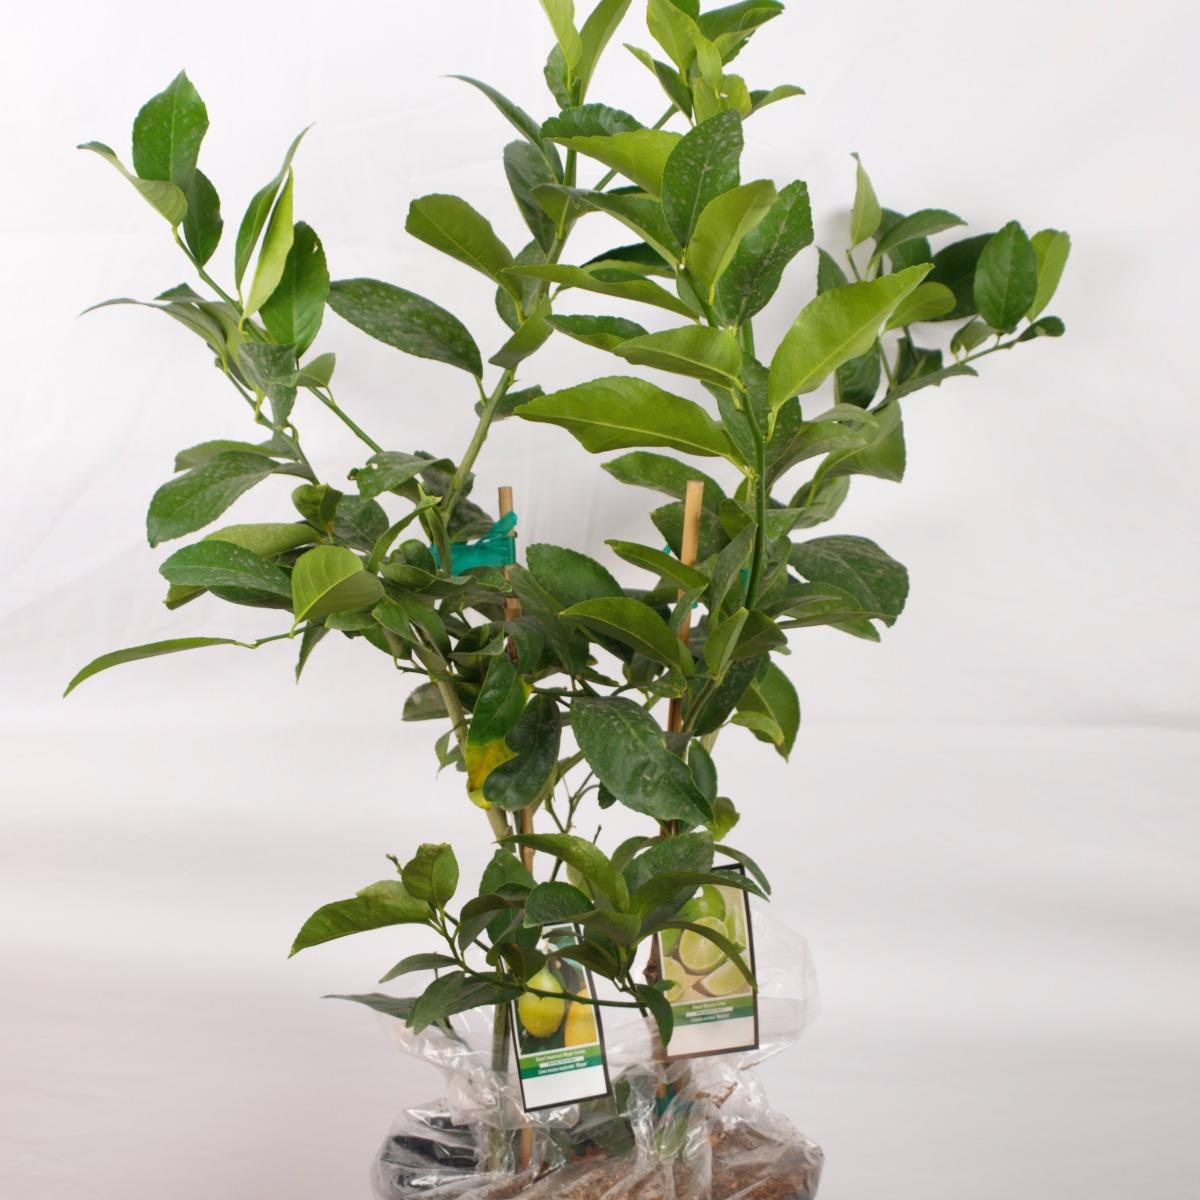 Lemon and Lime Tree 2n1